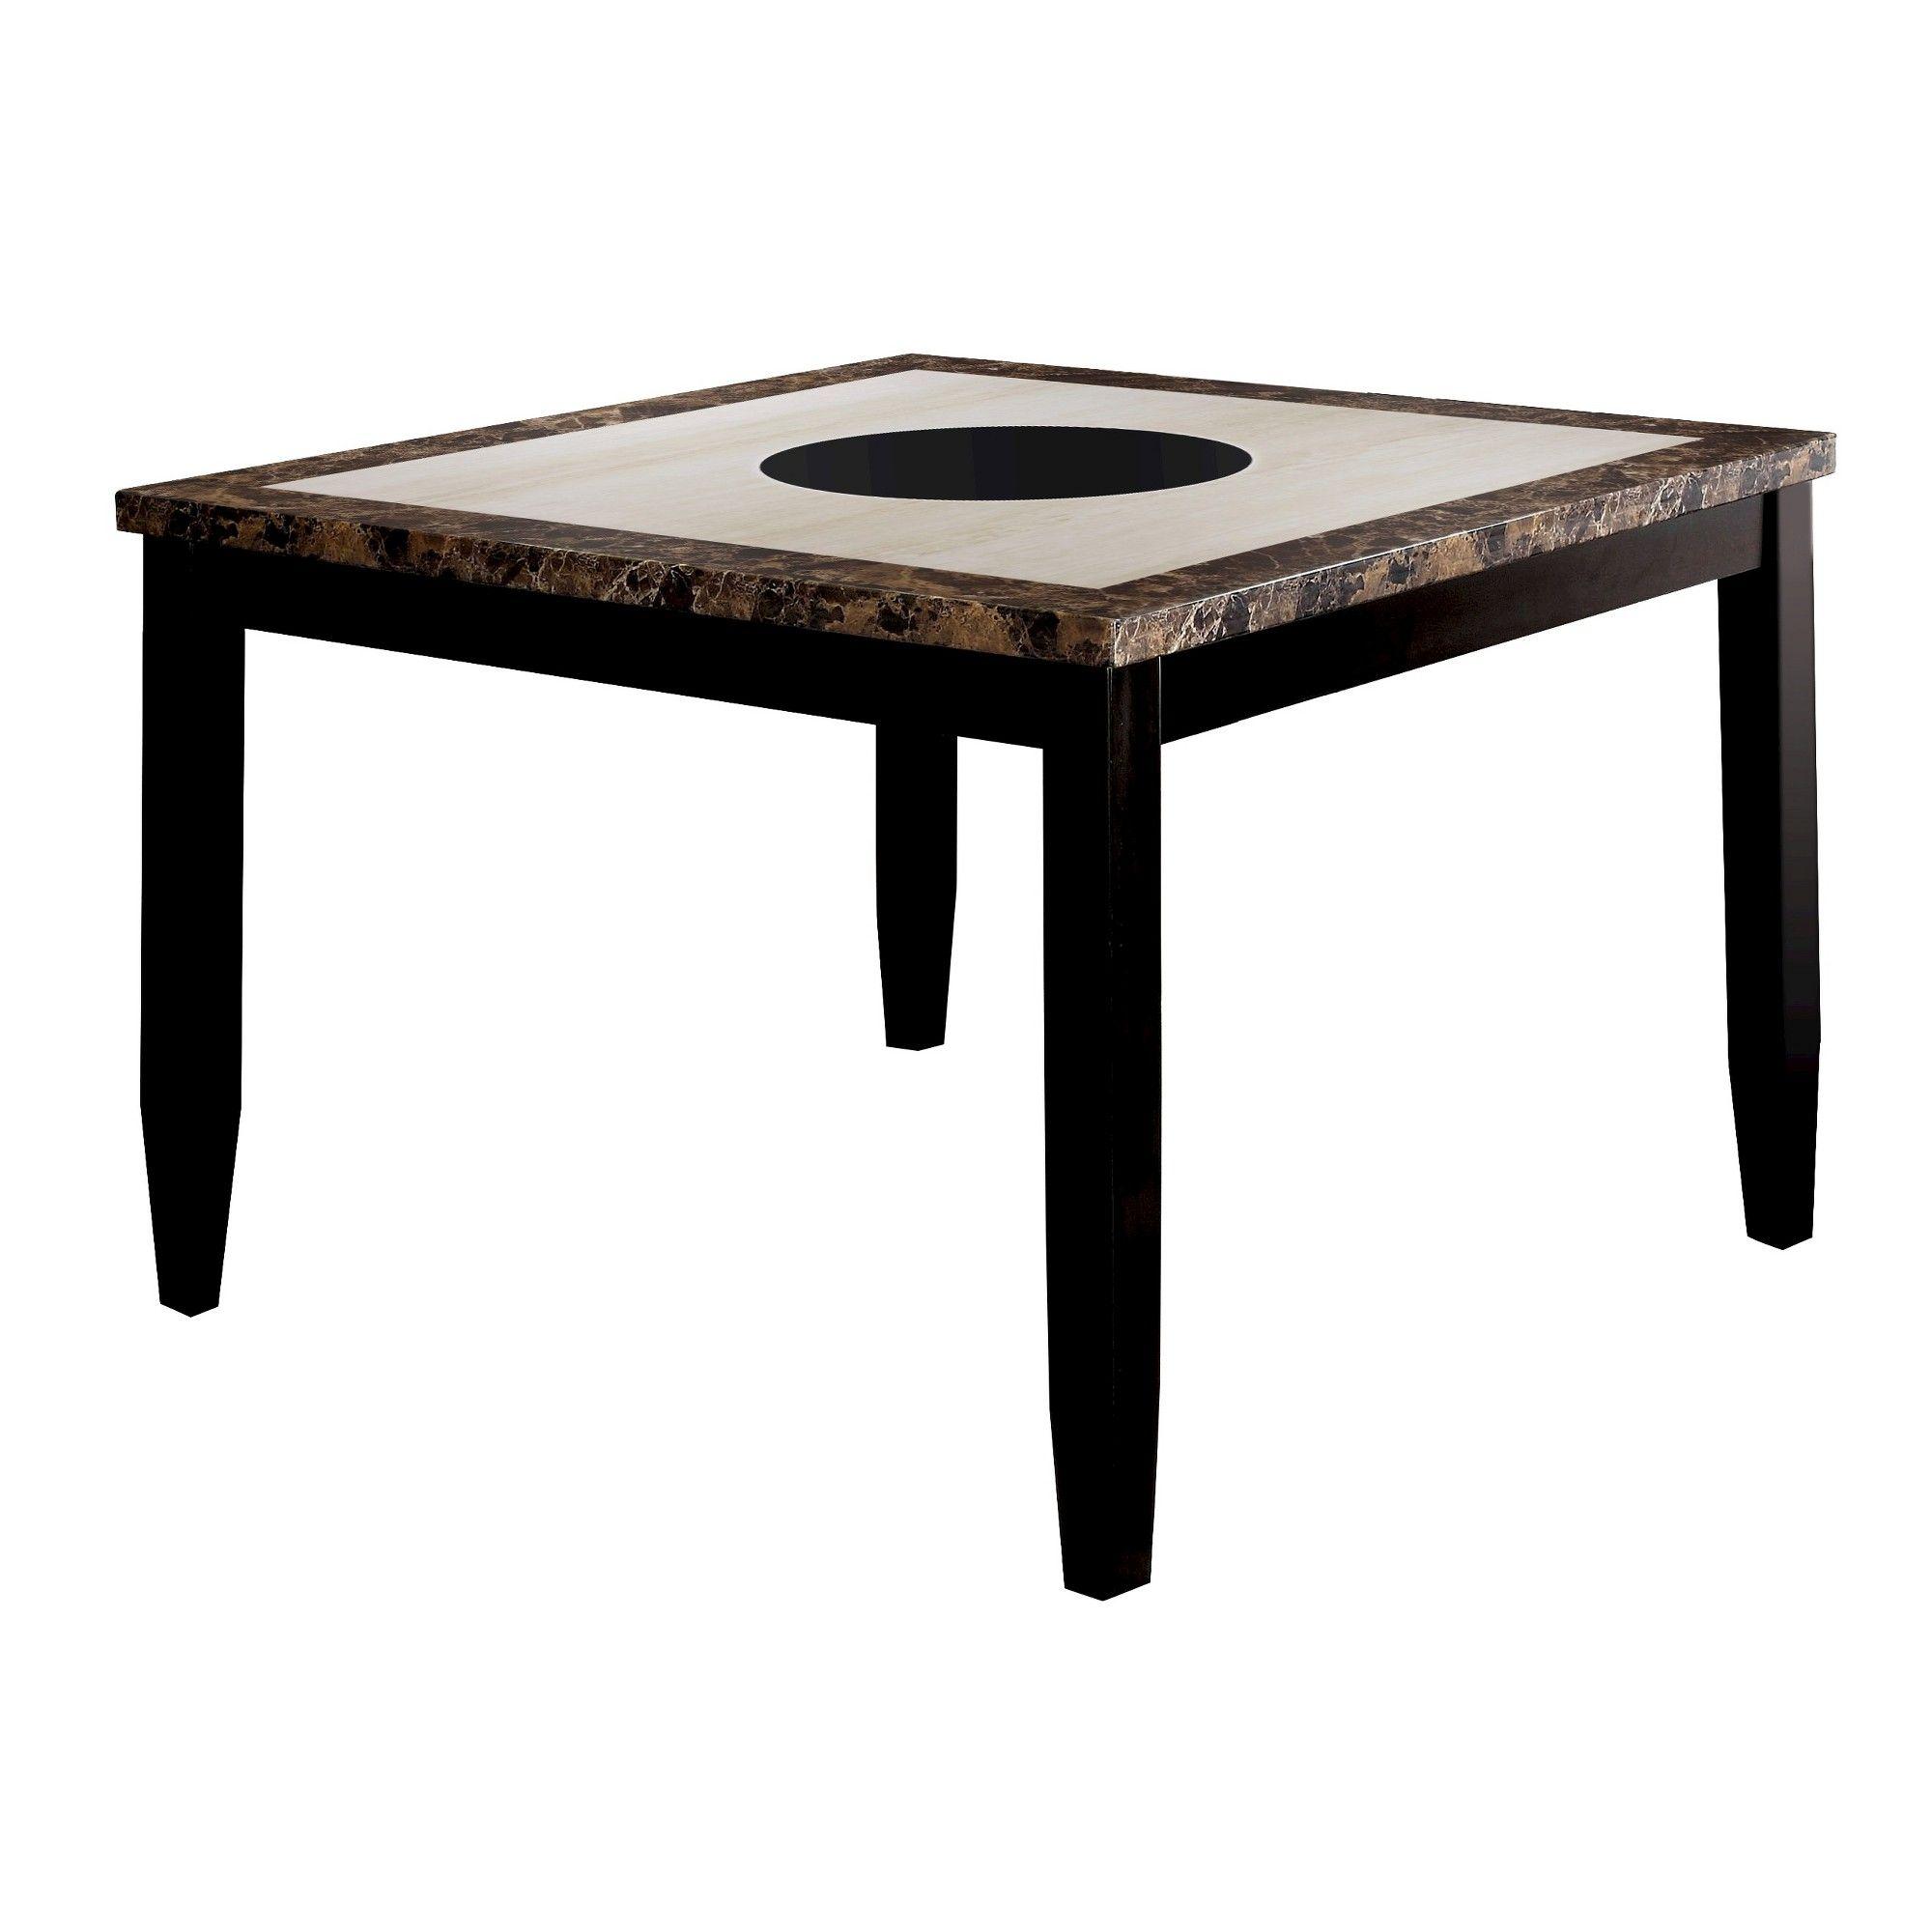 5bcb9e4bce09706bc68bb9b25666bdd9 Unique De Table Basse Noir Et Bois Schème